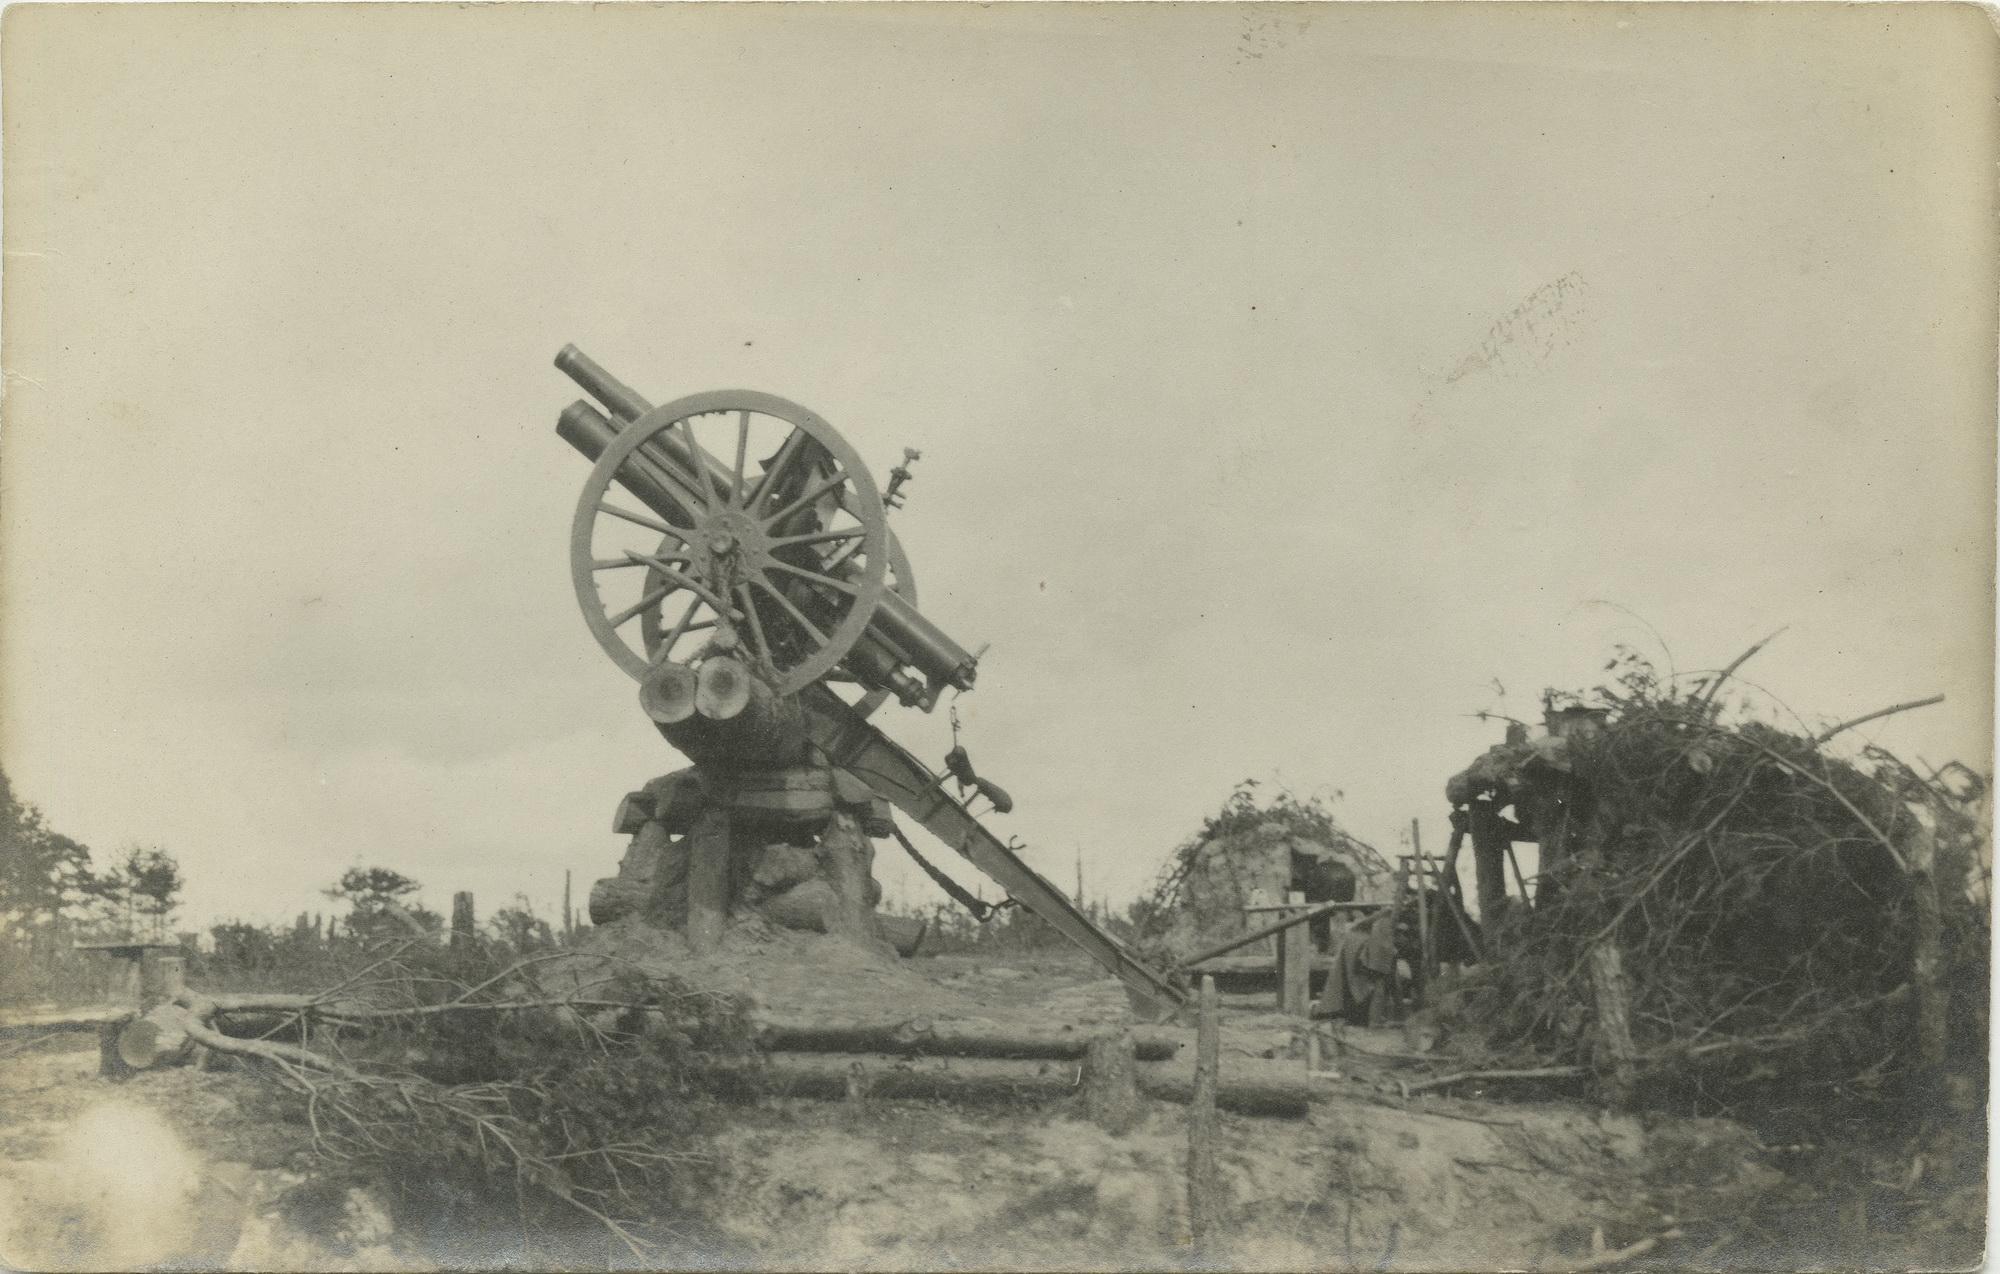 1916. Мортира, приготовленная для стрельбы по аэроплану